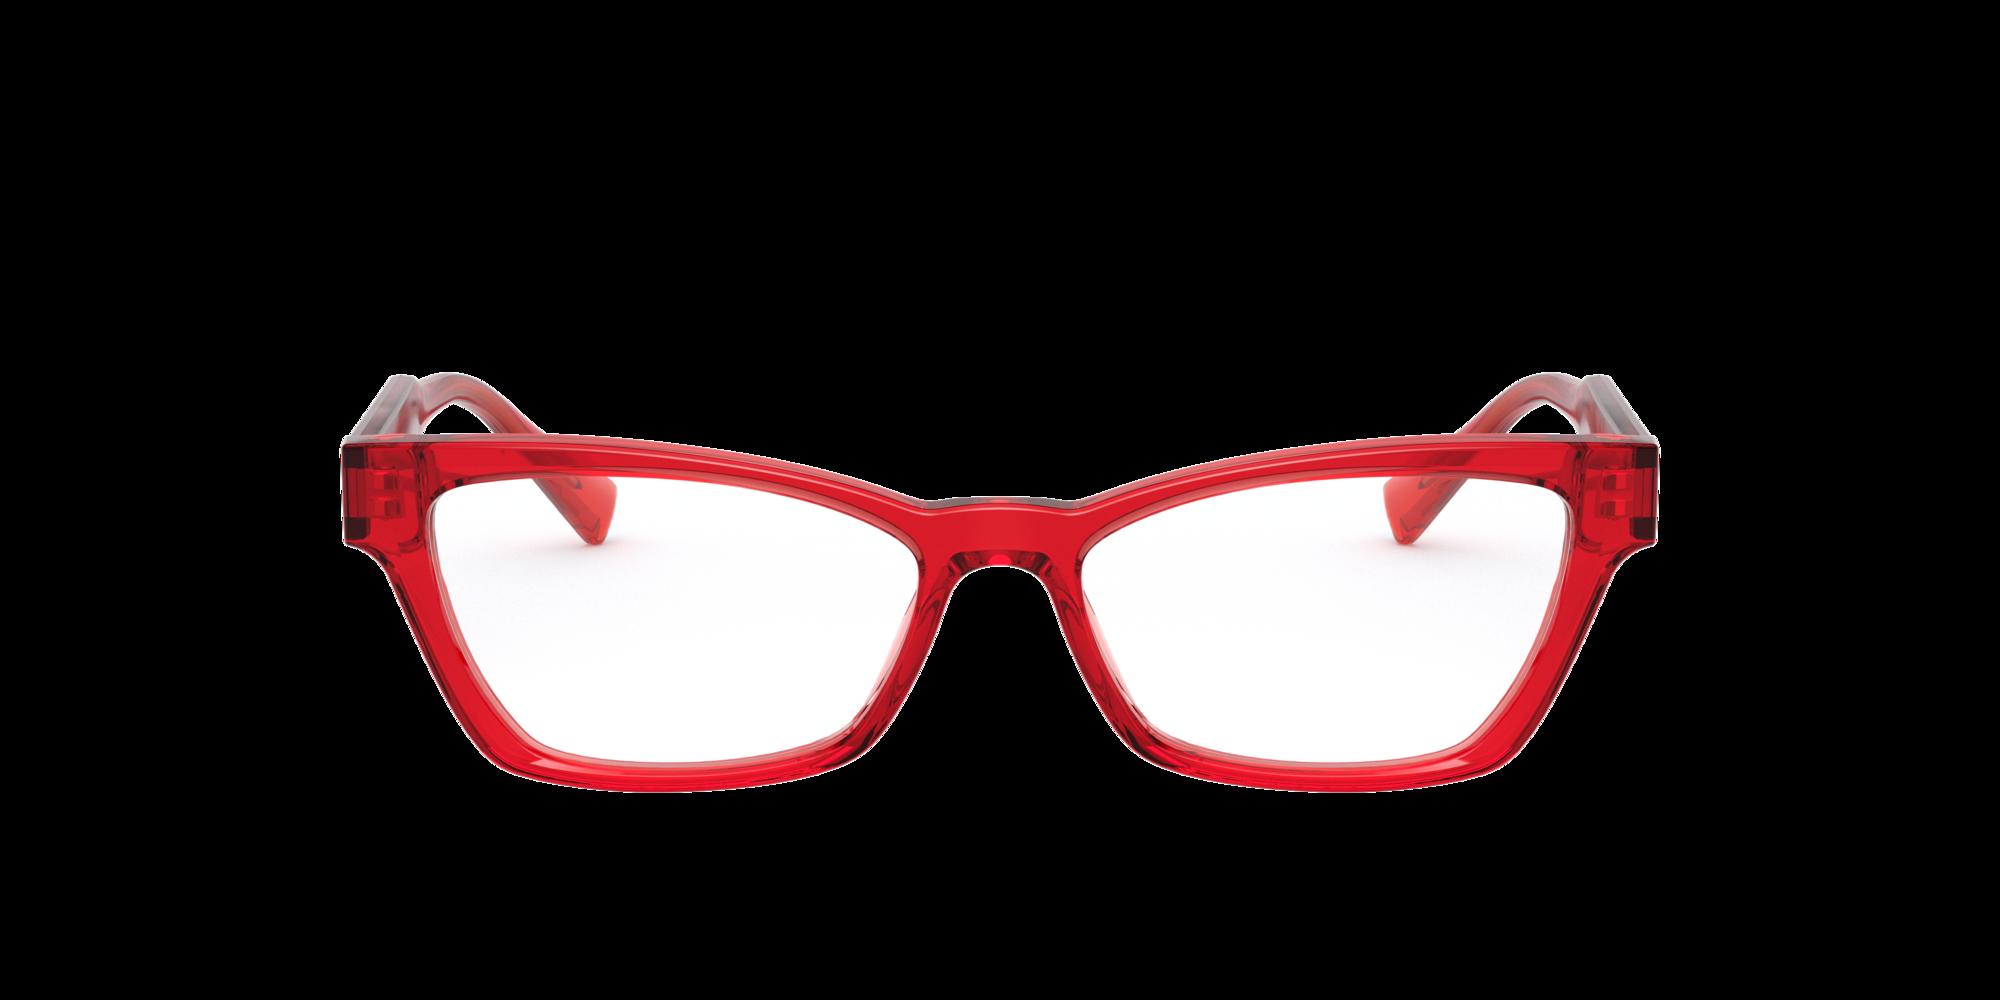 Imagen para VE3275 de LensCrafters |  Espejuelos, espejuelos graduados en línea, gafas